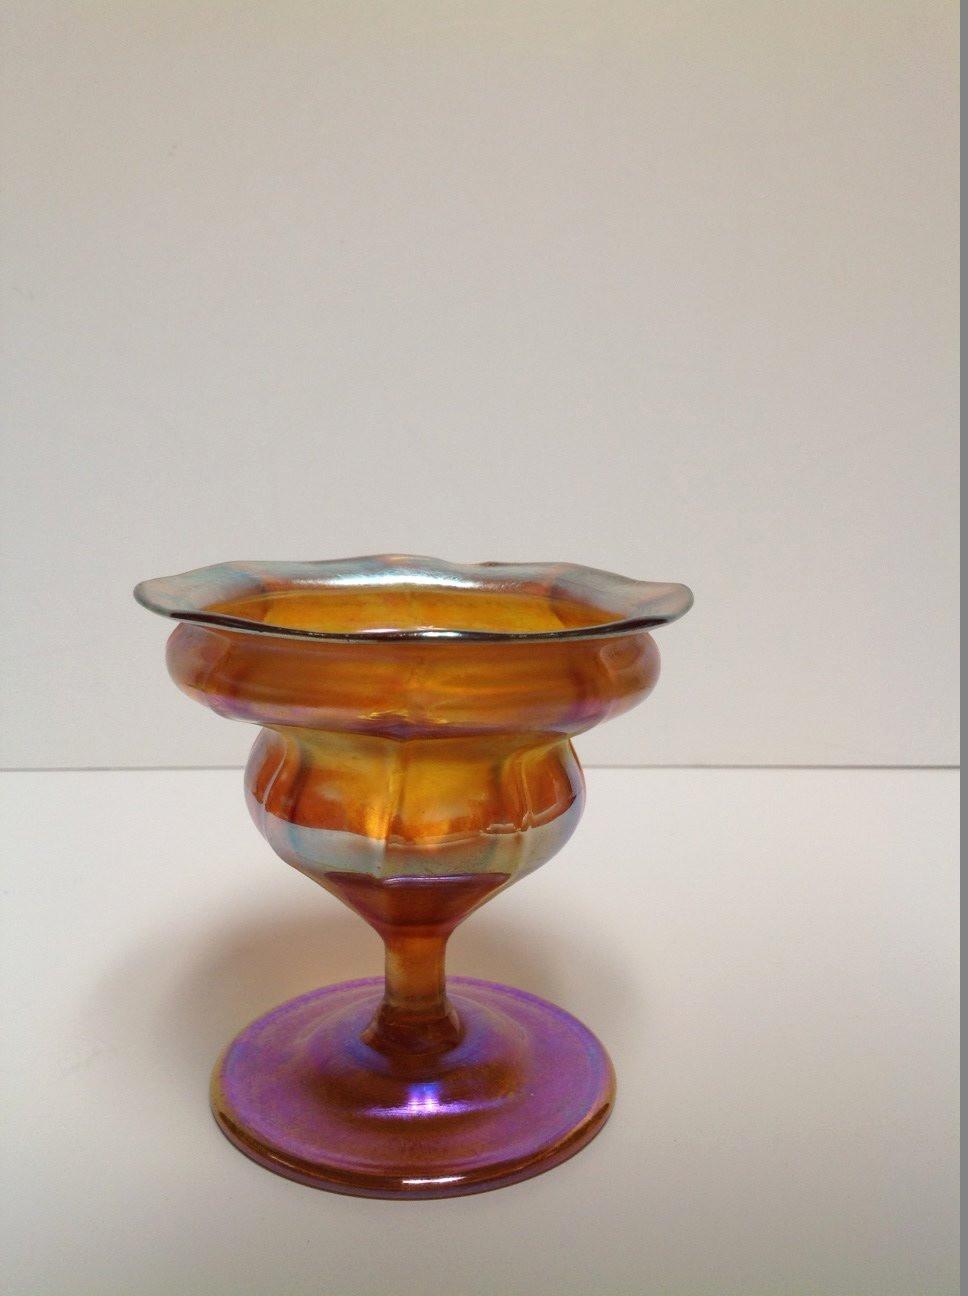 gold compote vase bulk of gold compote vase vase and cellar image avorcor com intended for 2 elegant gold pote vase home idea